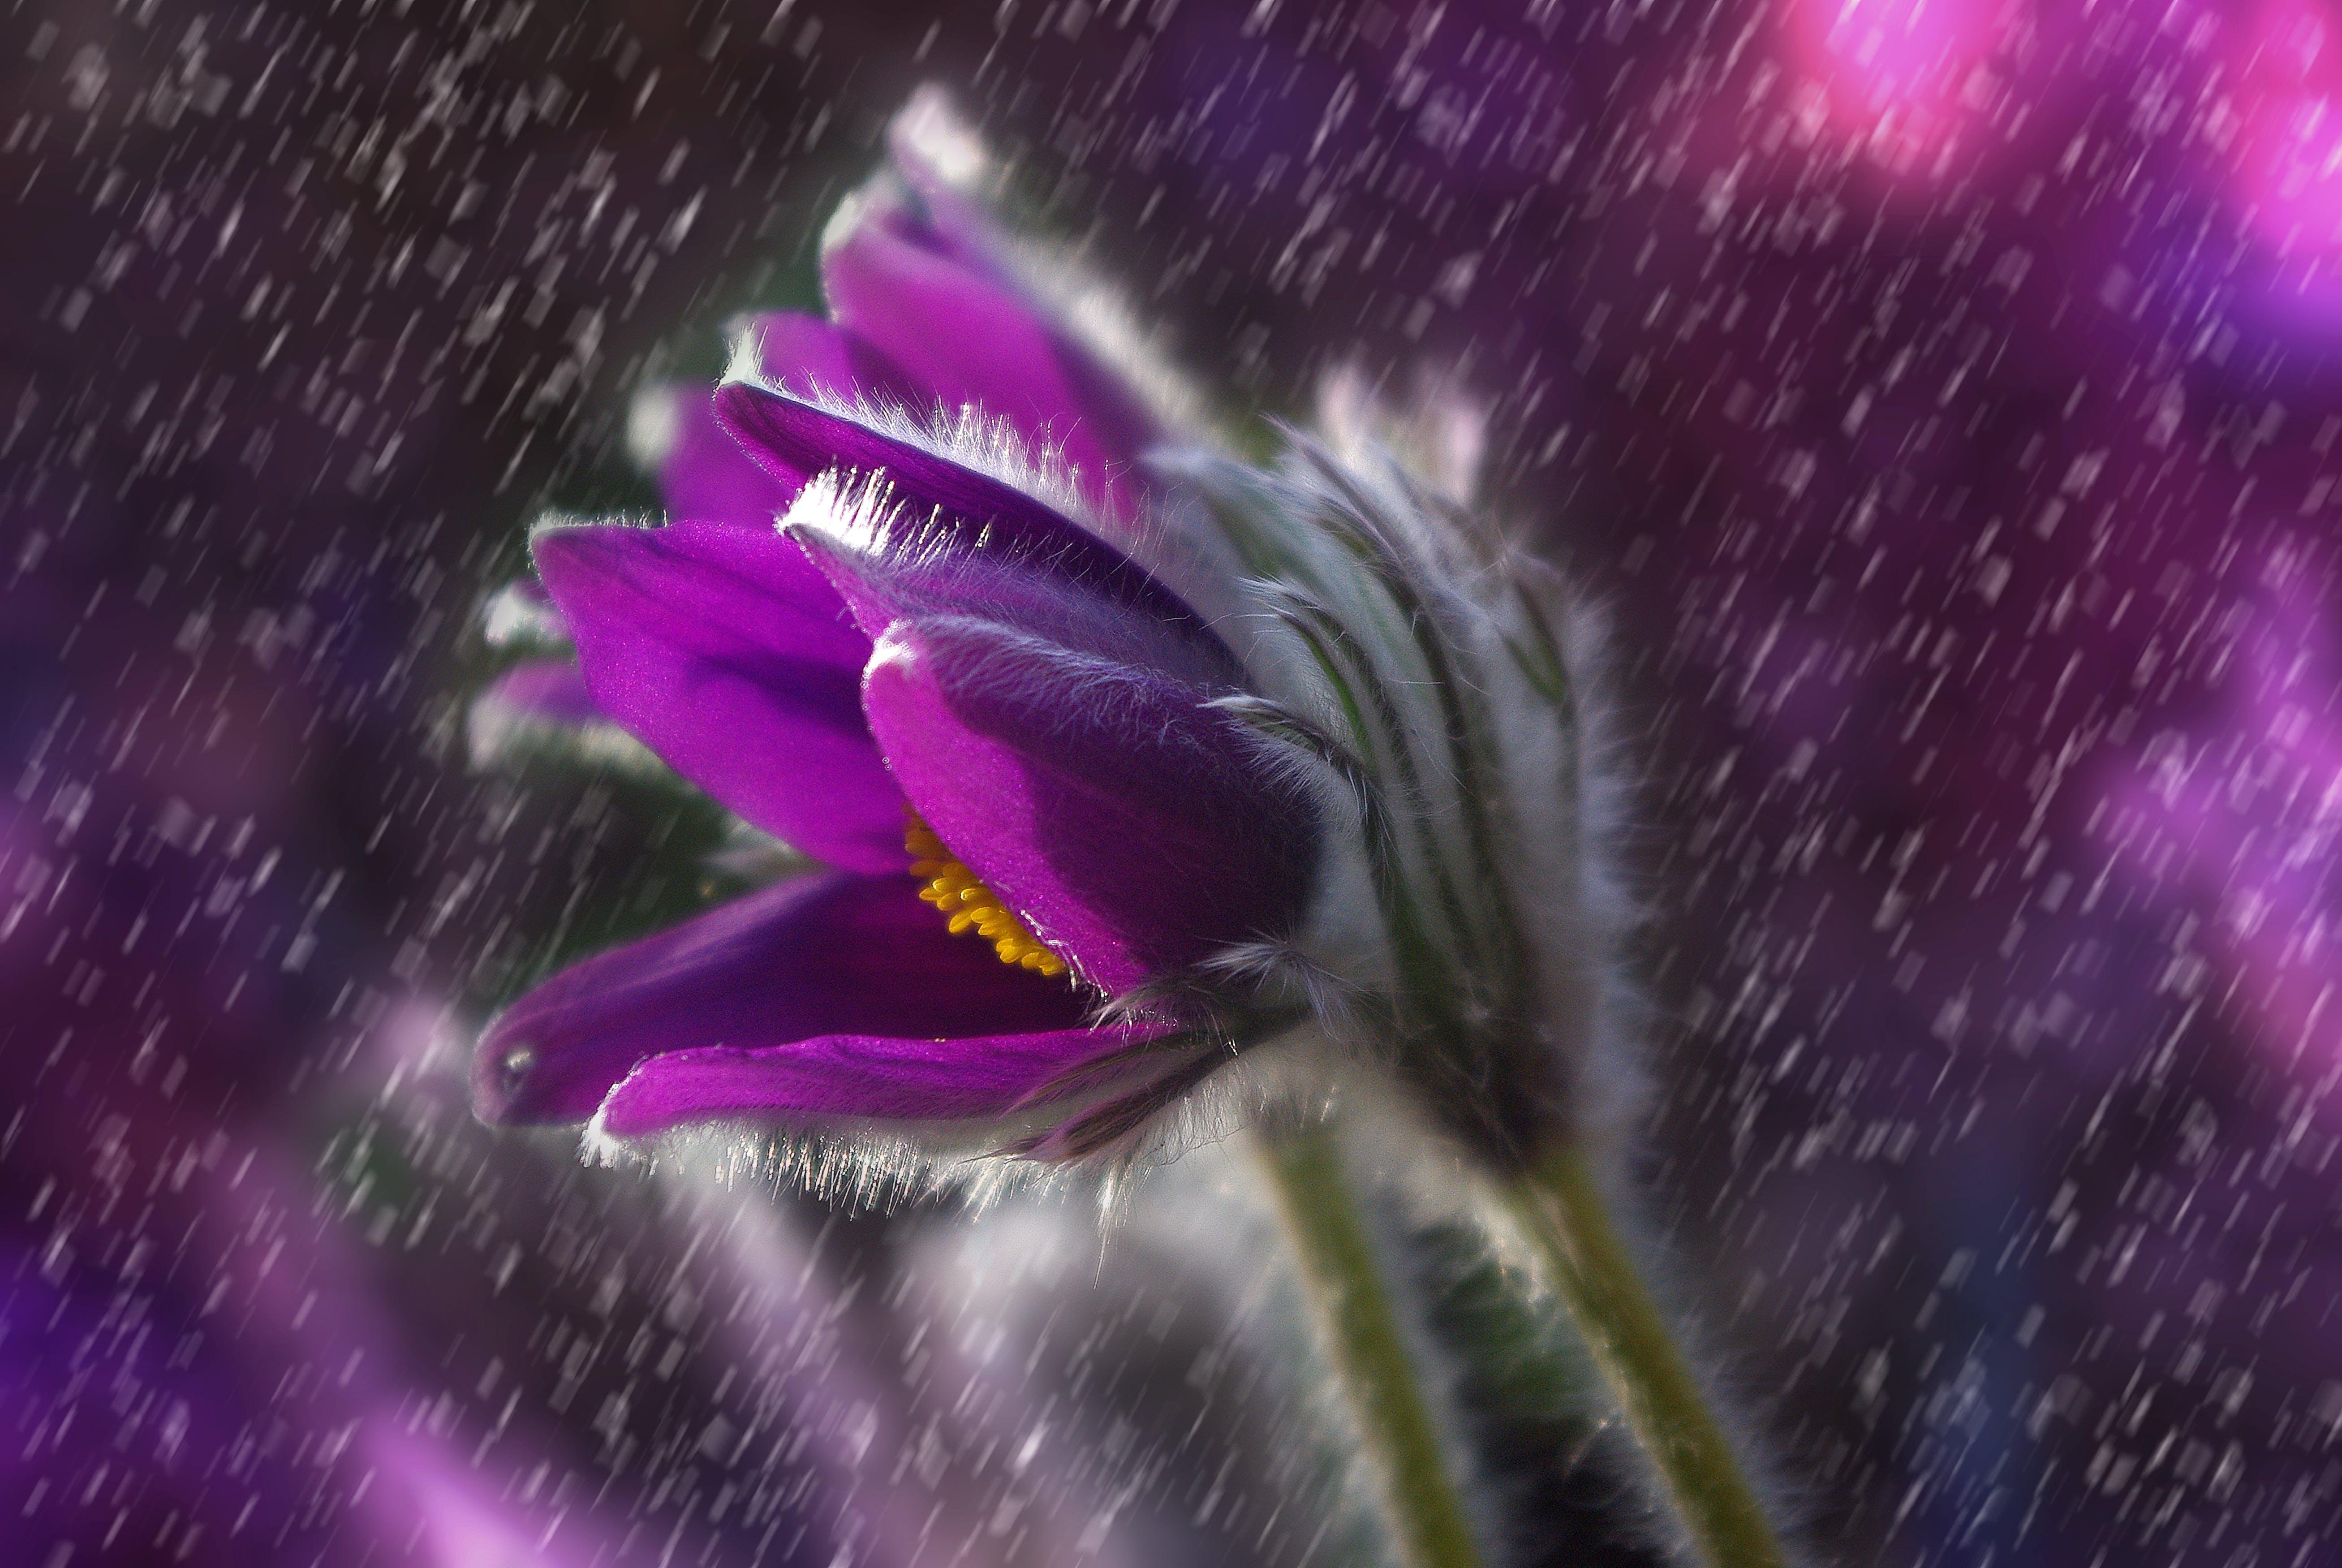 makró, növényvilág, virág